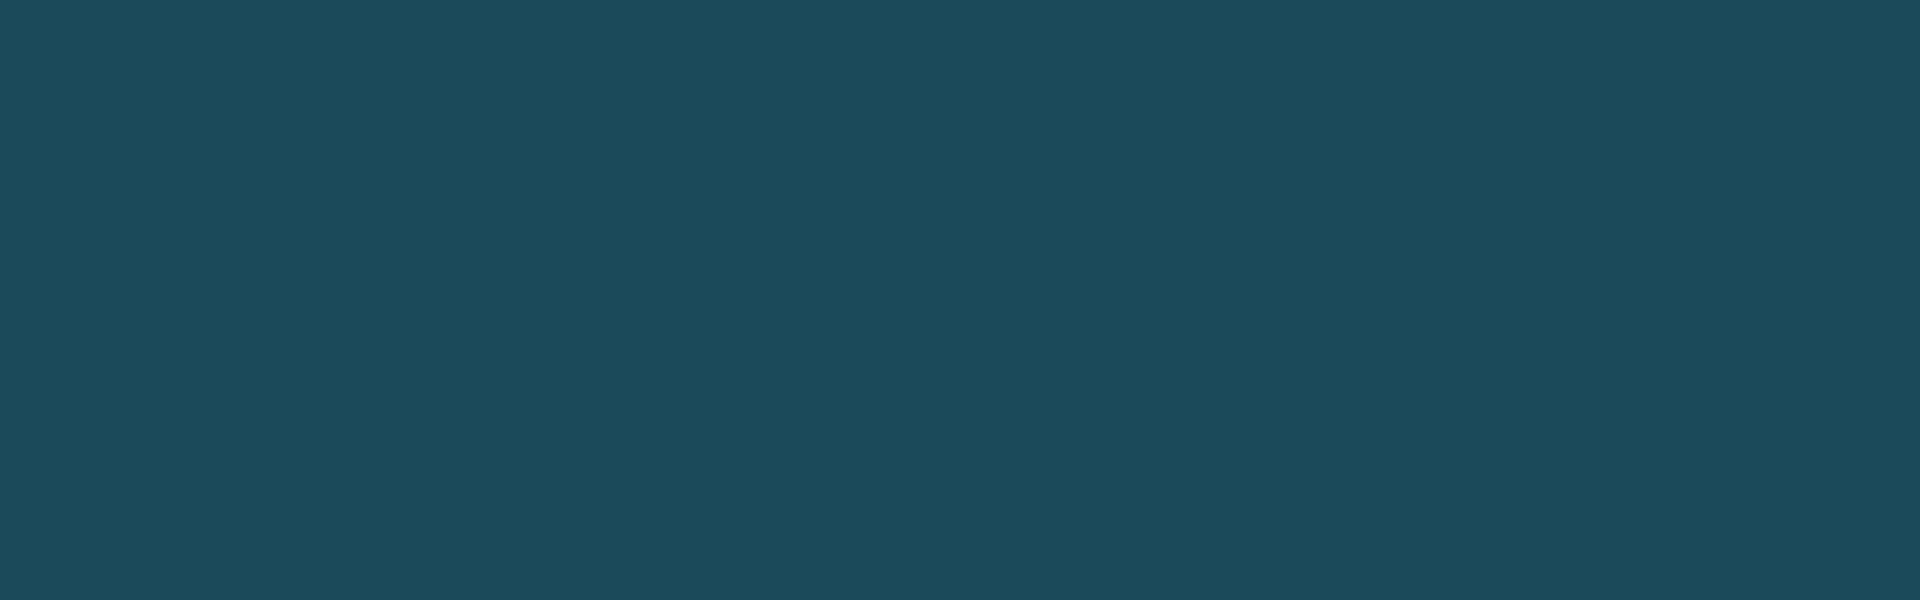 textura web fran cata